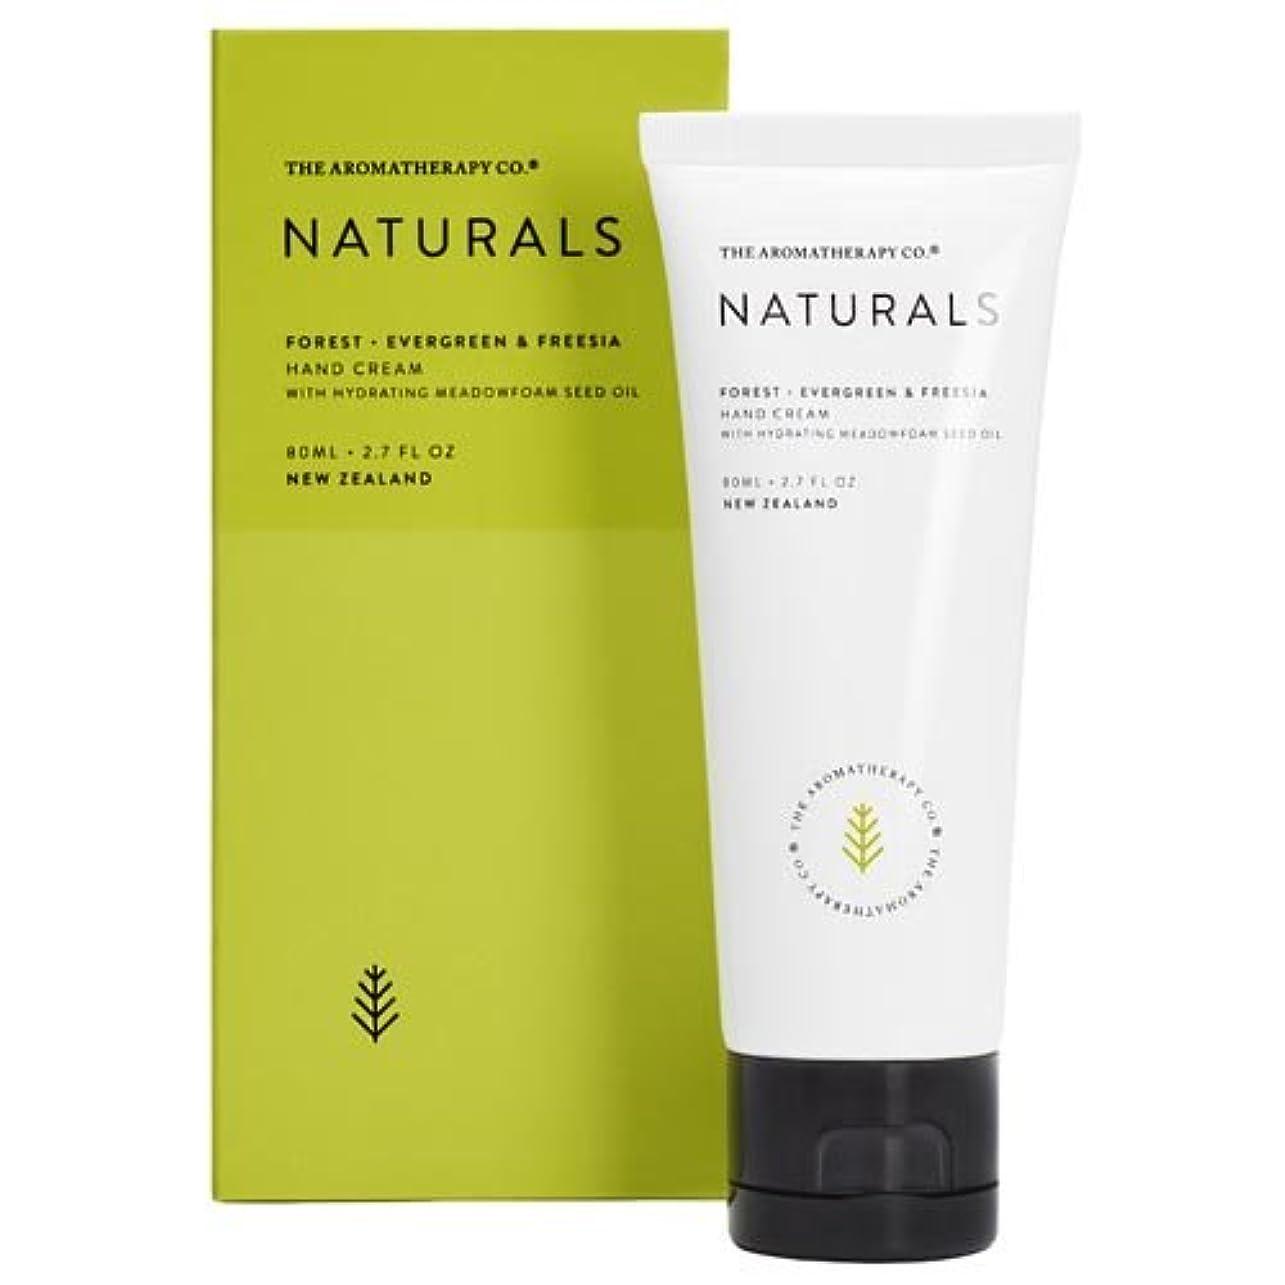 くちばしハイキングに行く長老new NATURALS ナチュラルズ Hand Cream ハンドクリーム Forest フォレスト(森林)Evergreen & Freesia エバーグリーン&フリージア